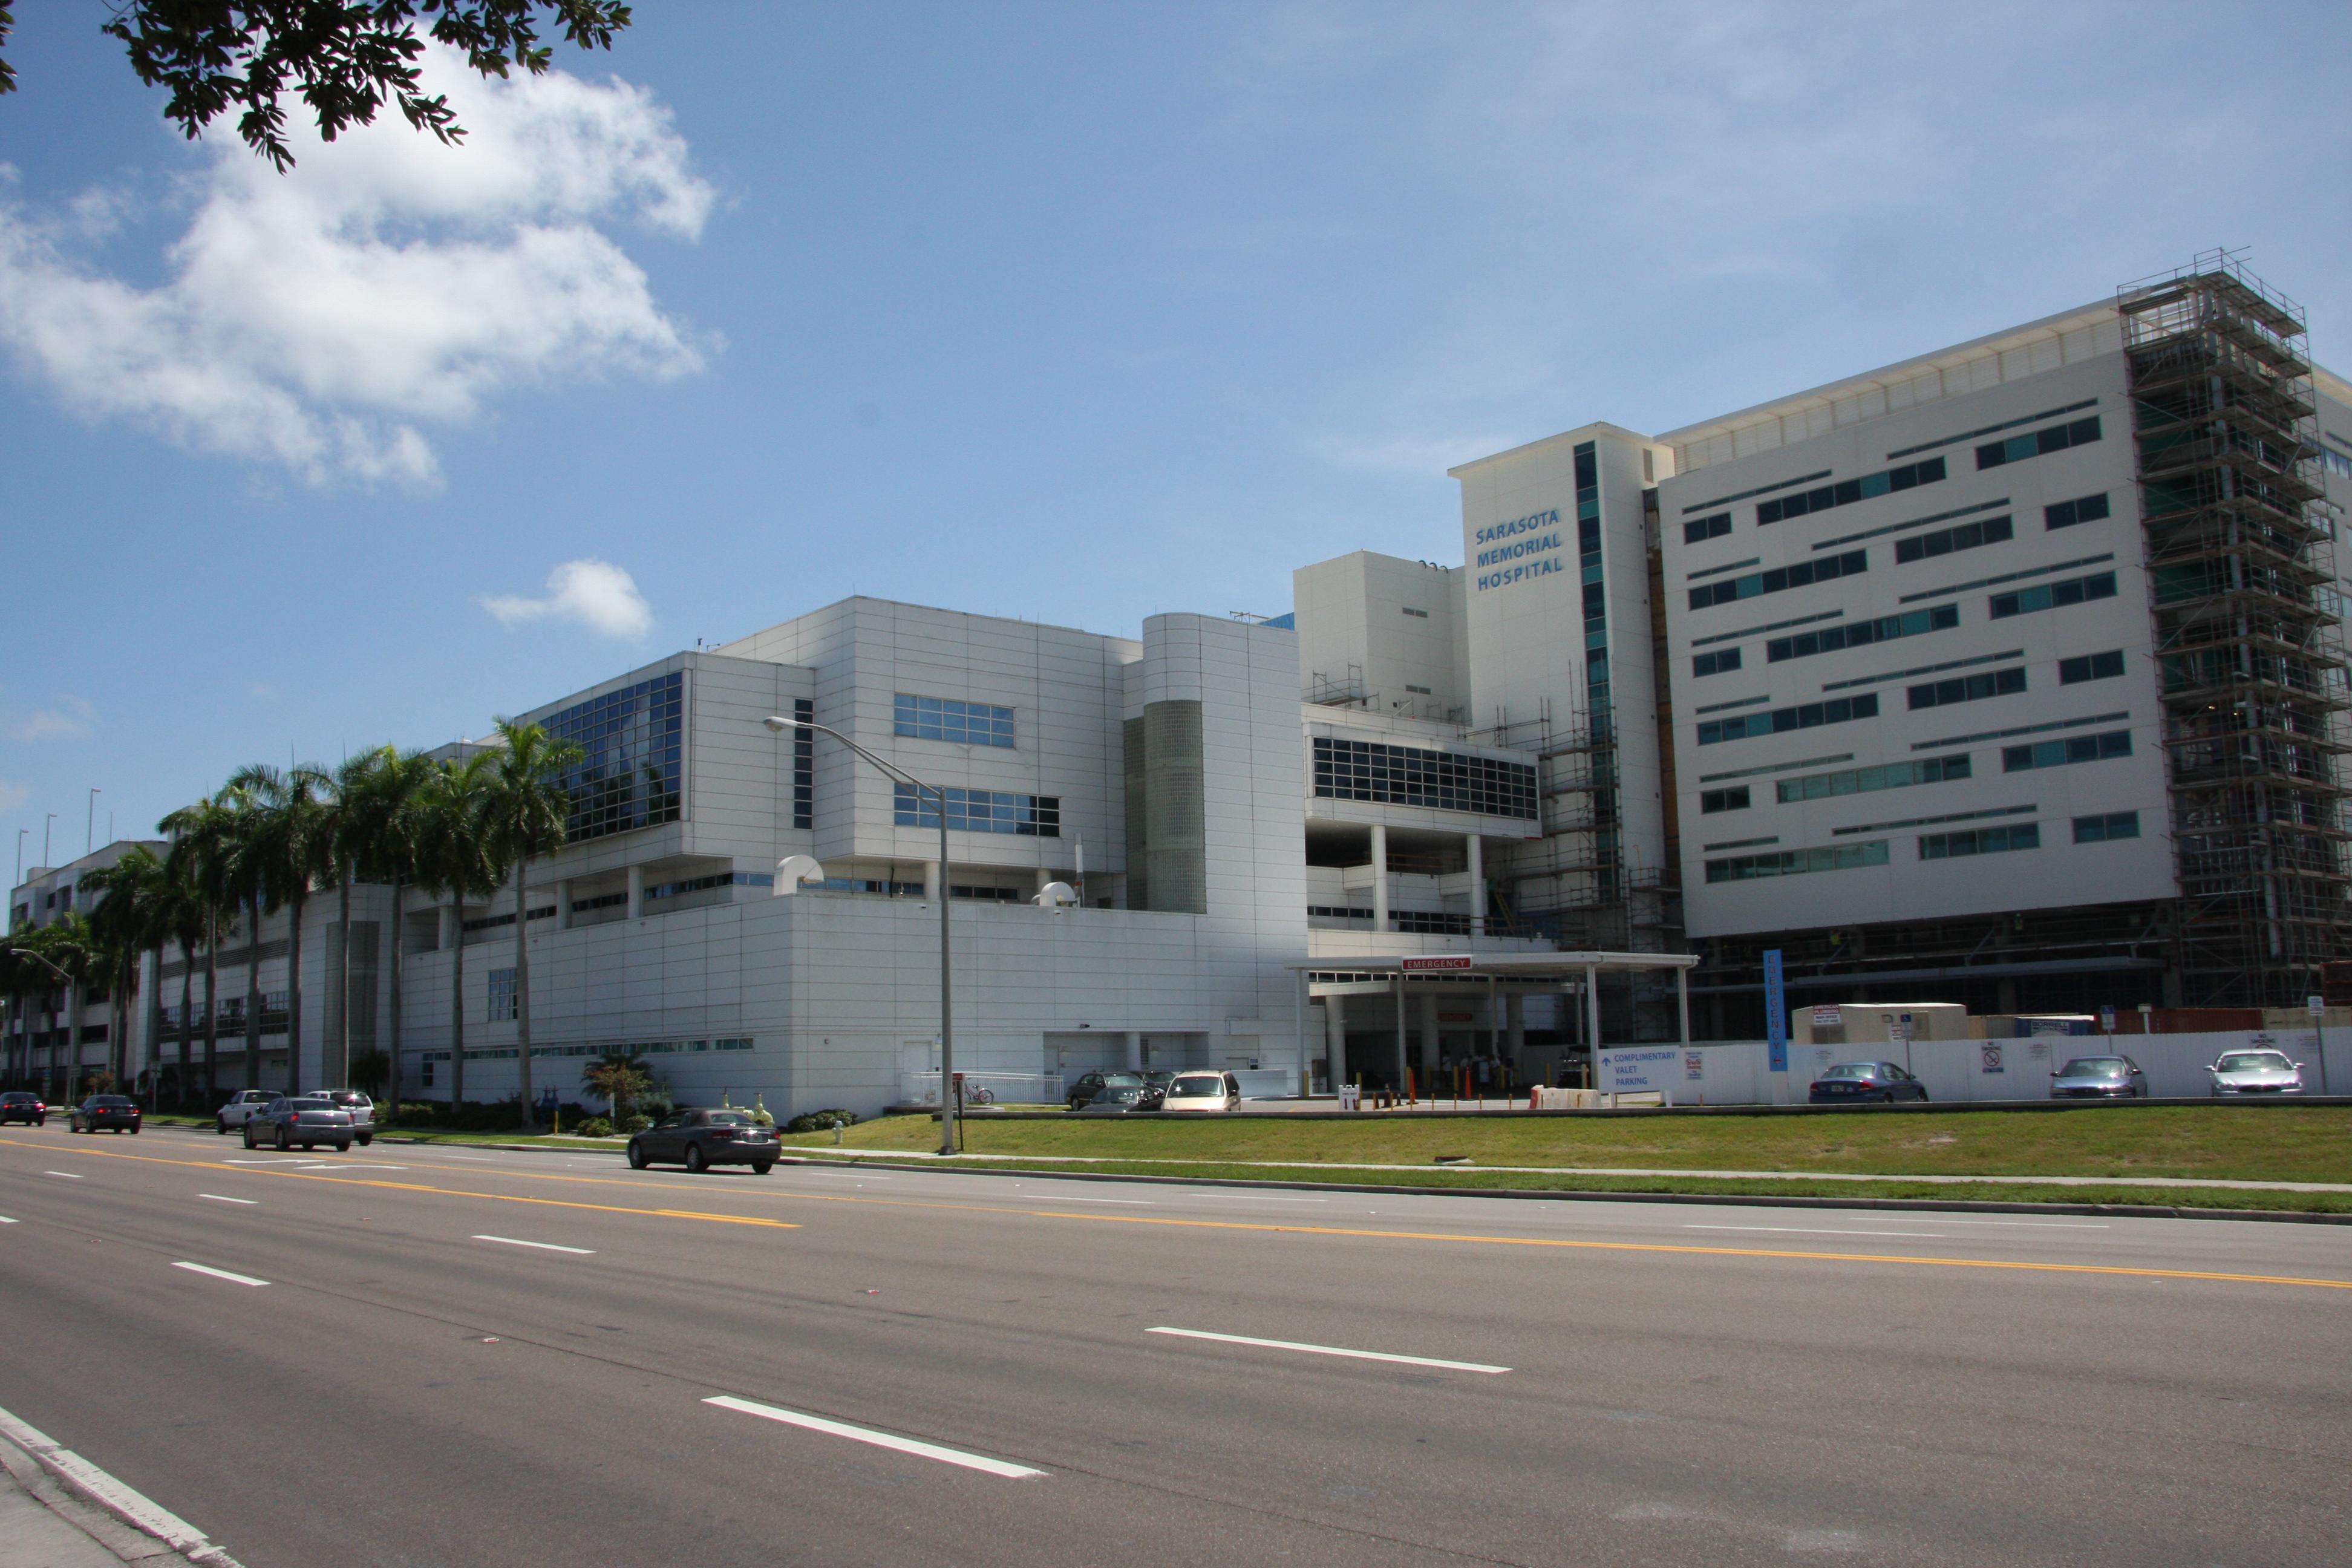 sarasota-hospital-florida